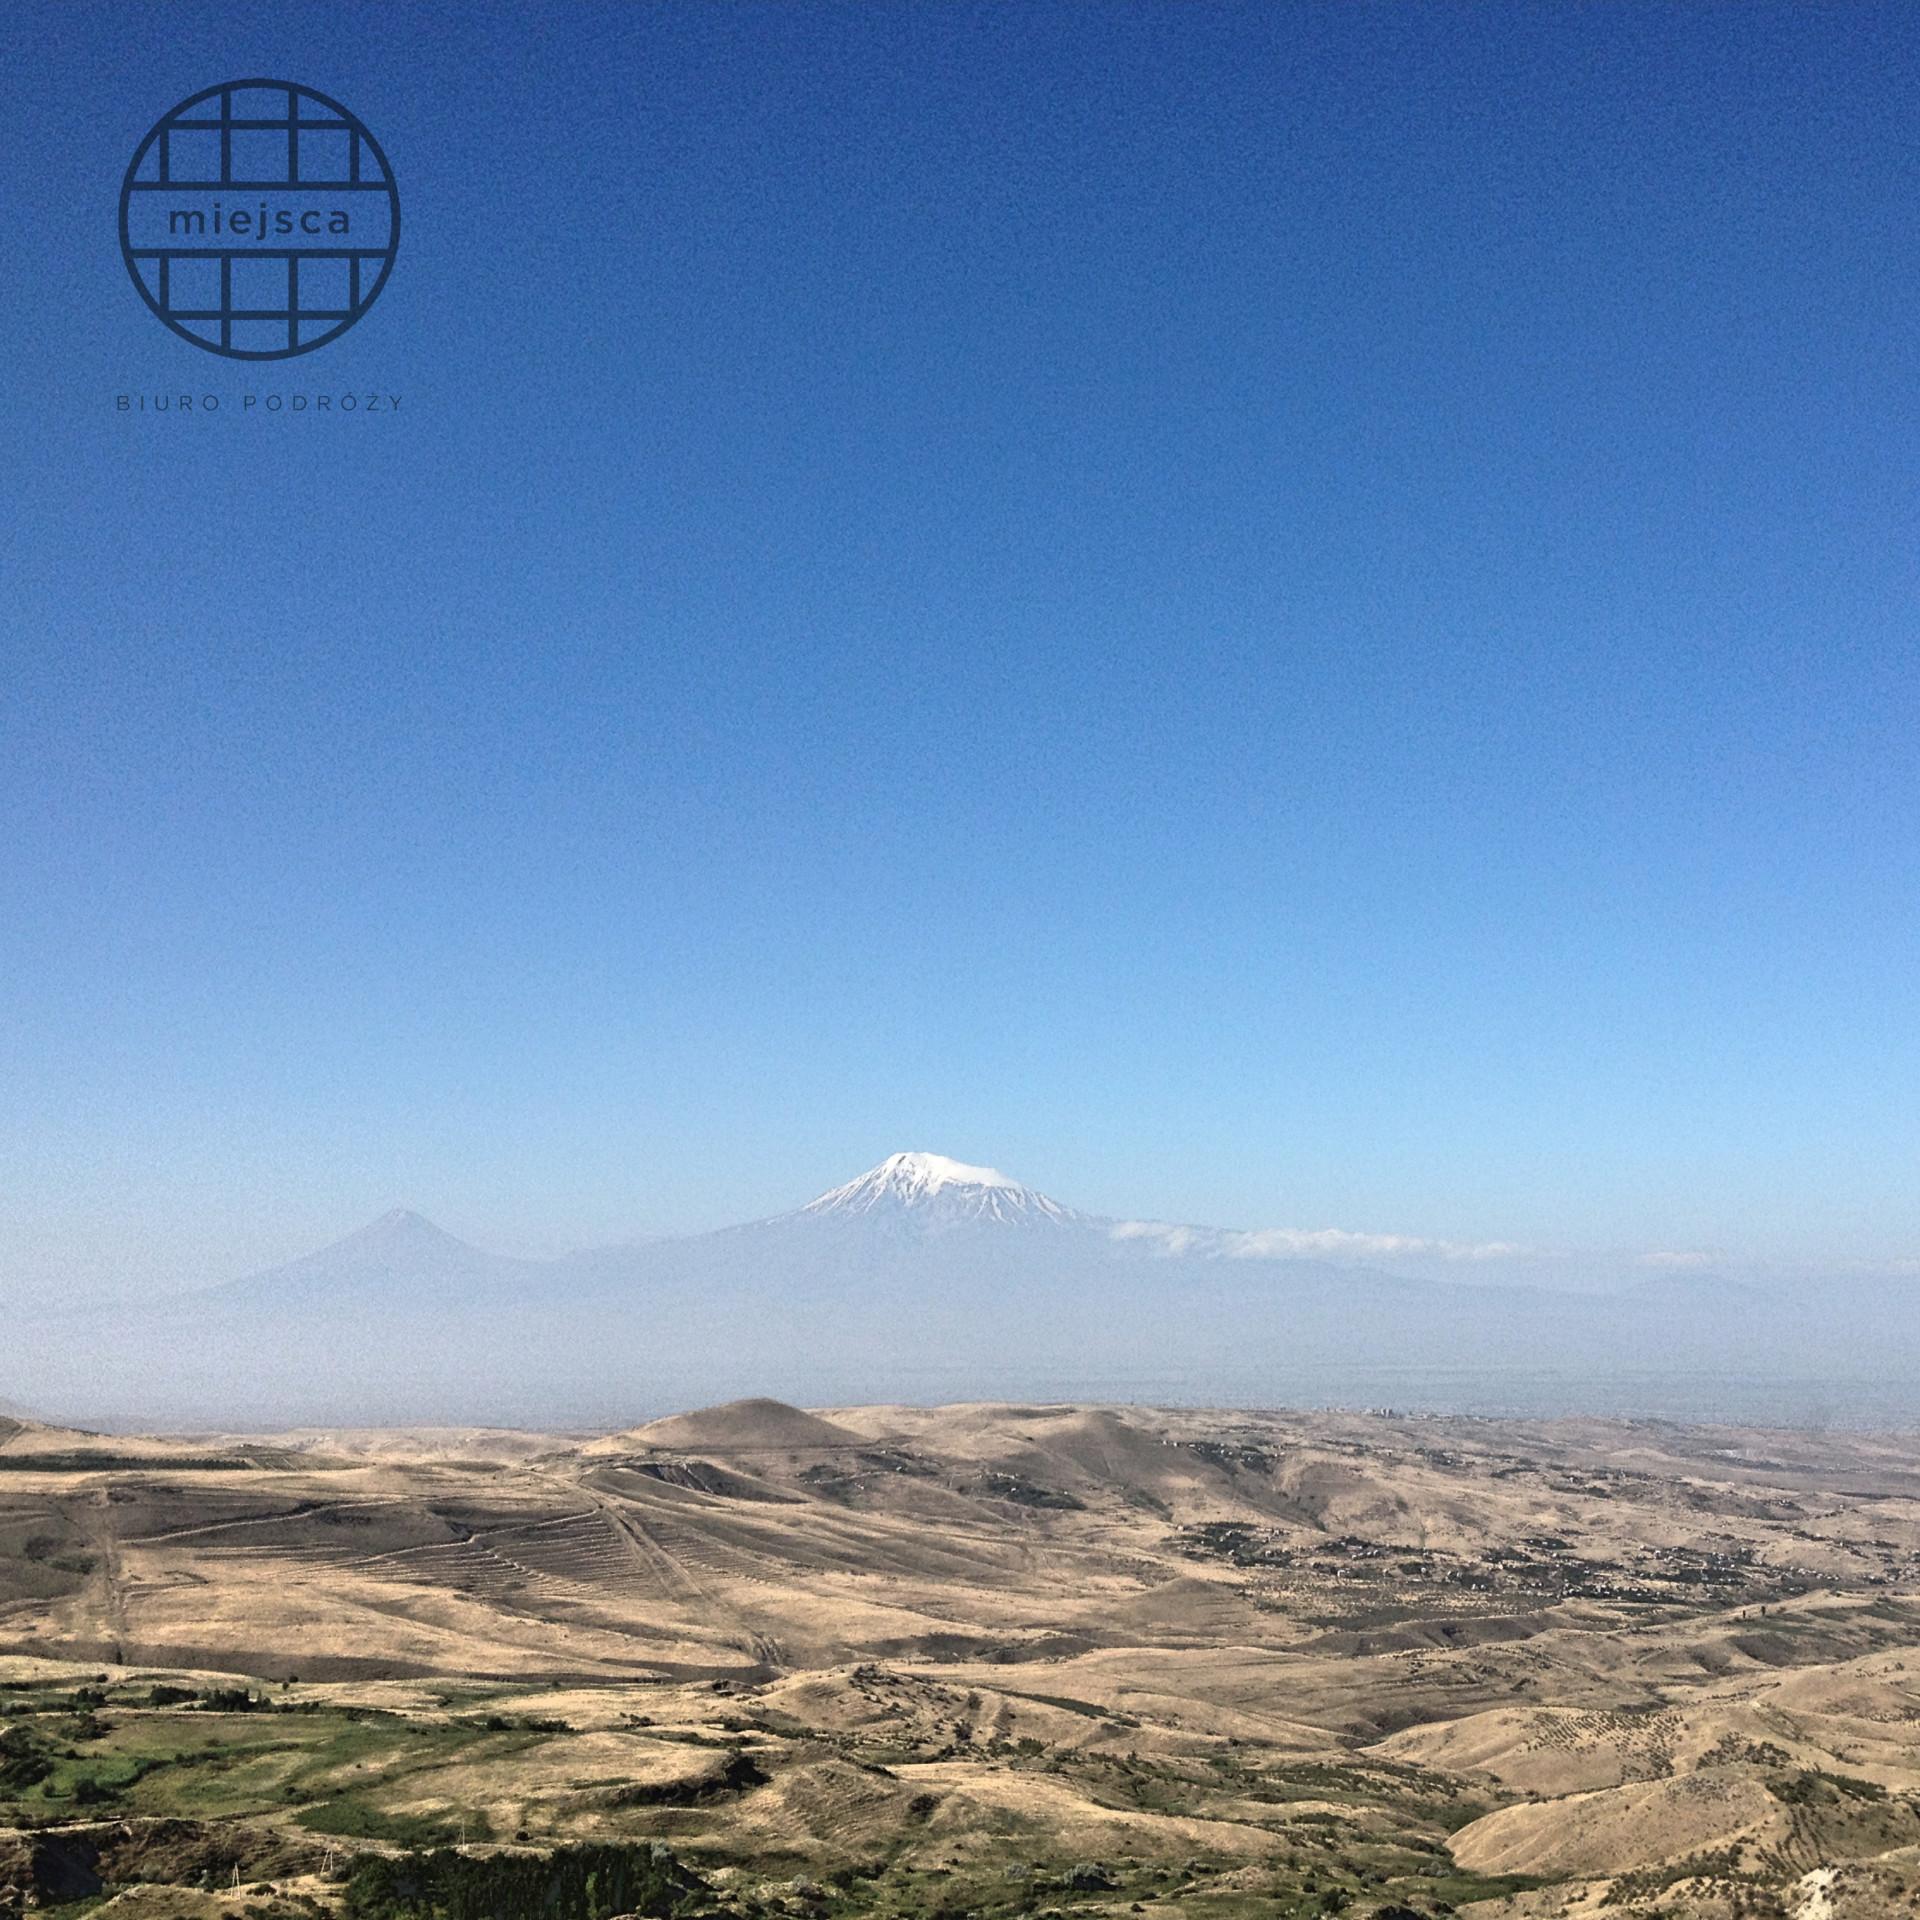 Wyprawa do Nepalu na wyciągnięcie ręki. Wybierz kameralne biuro podróży